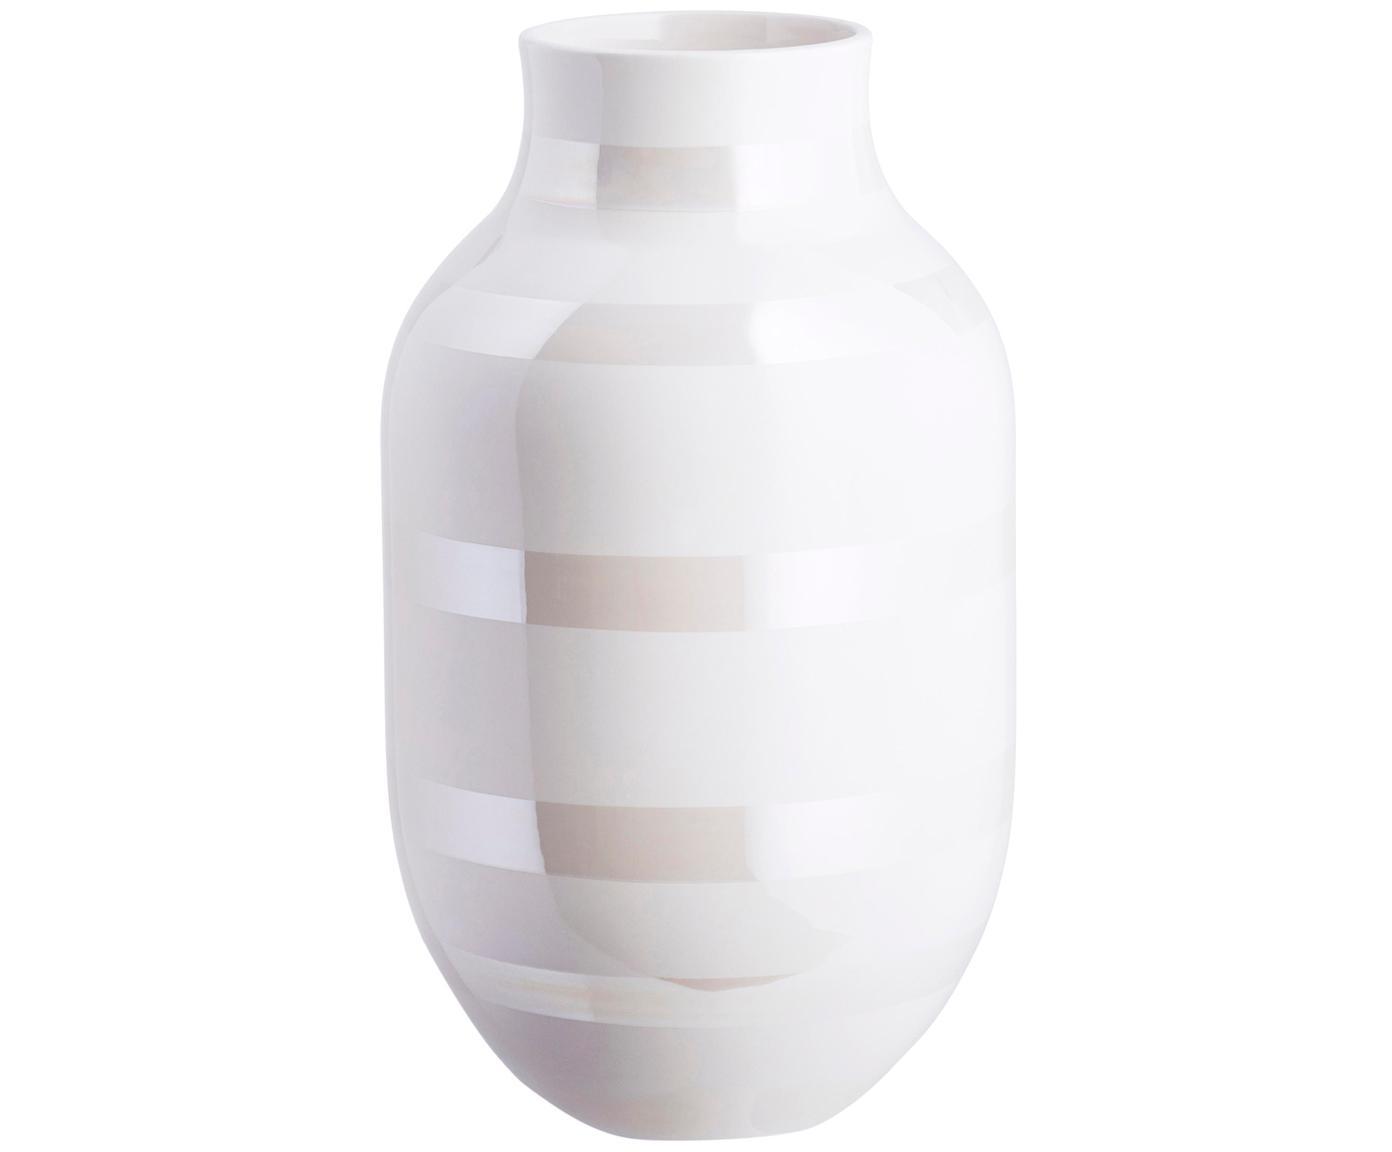 Handgemaakte design vaas Omaggio, groot, Keramiek, Wit, parelmoerkleurig, Ø 20 x H 31 cm